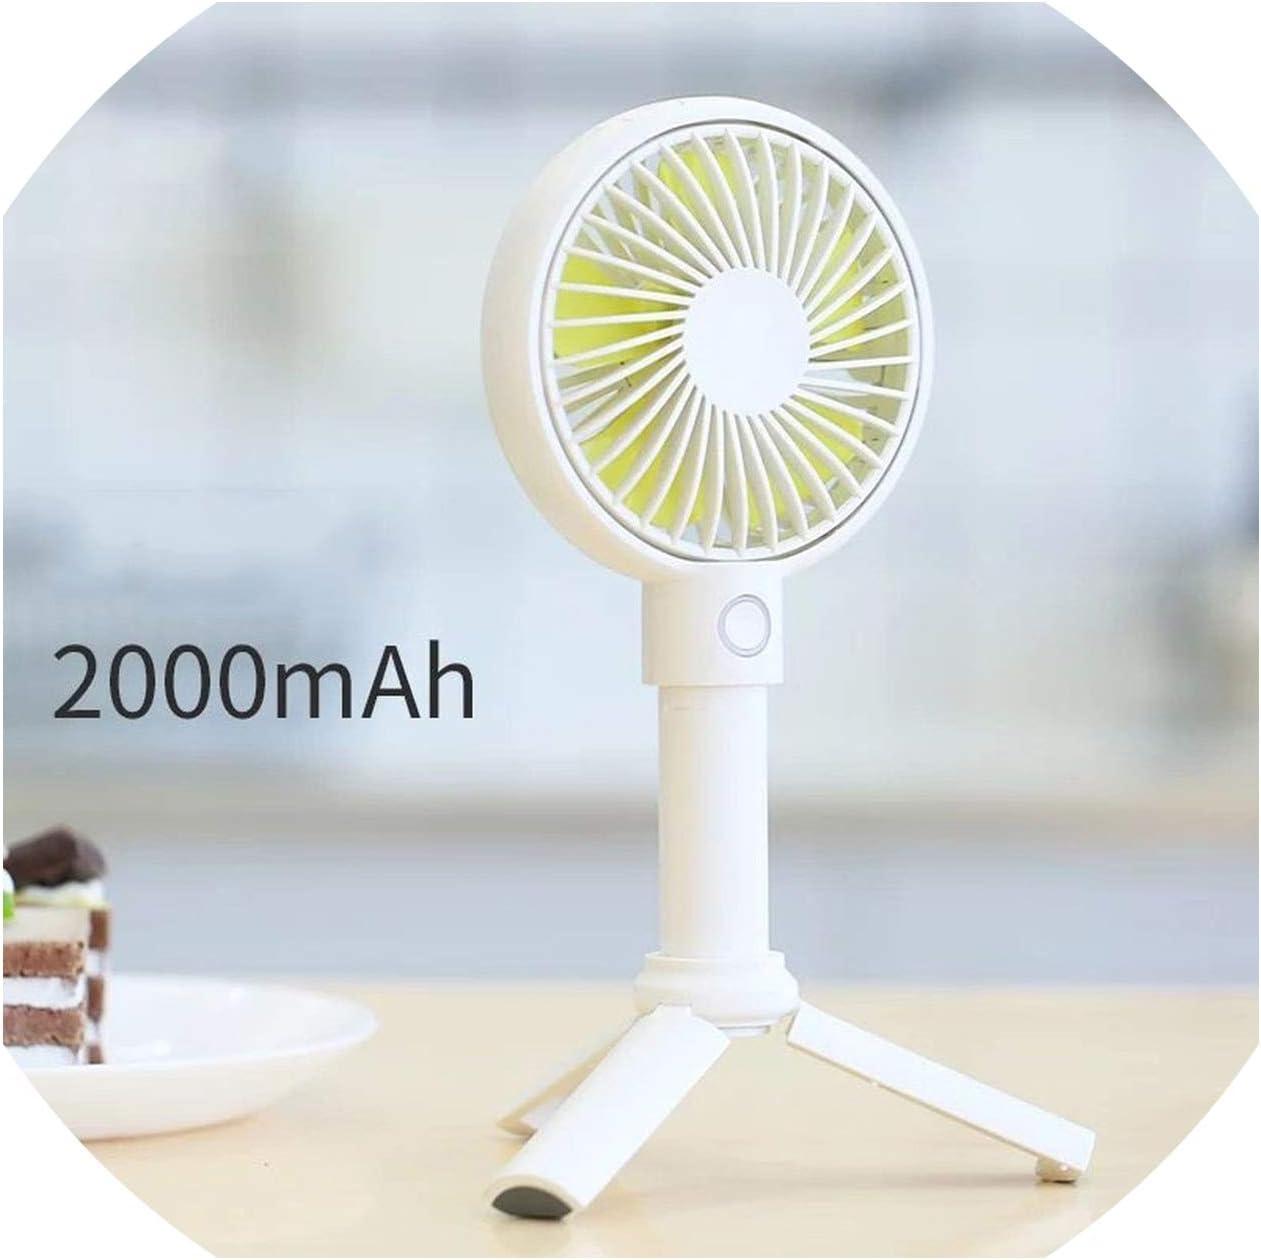 Handheld USB Fan Cooler Portable 3 Speed Adjustable Mini Fan 3350Mah Rechargeable Handy Small Desk Desktop USB Cooling Fan,Pink 3350Mah